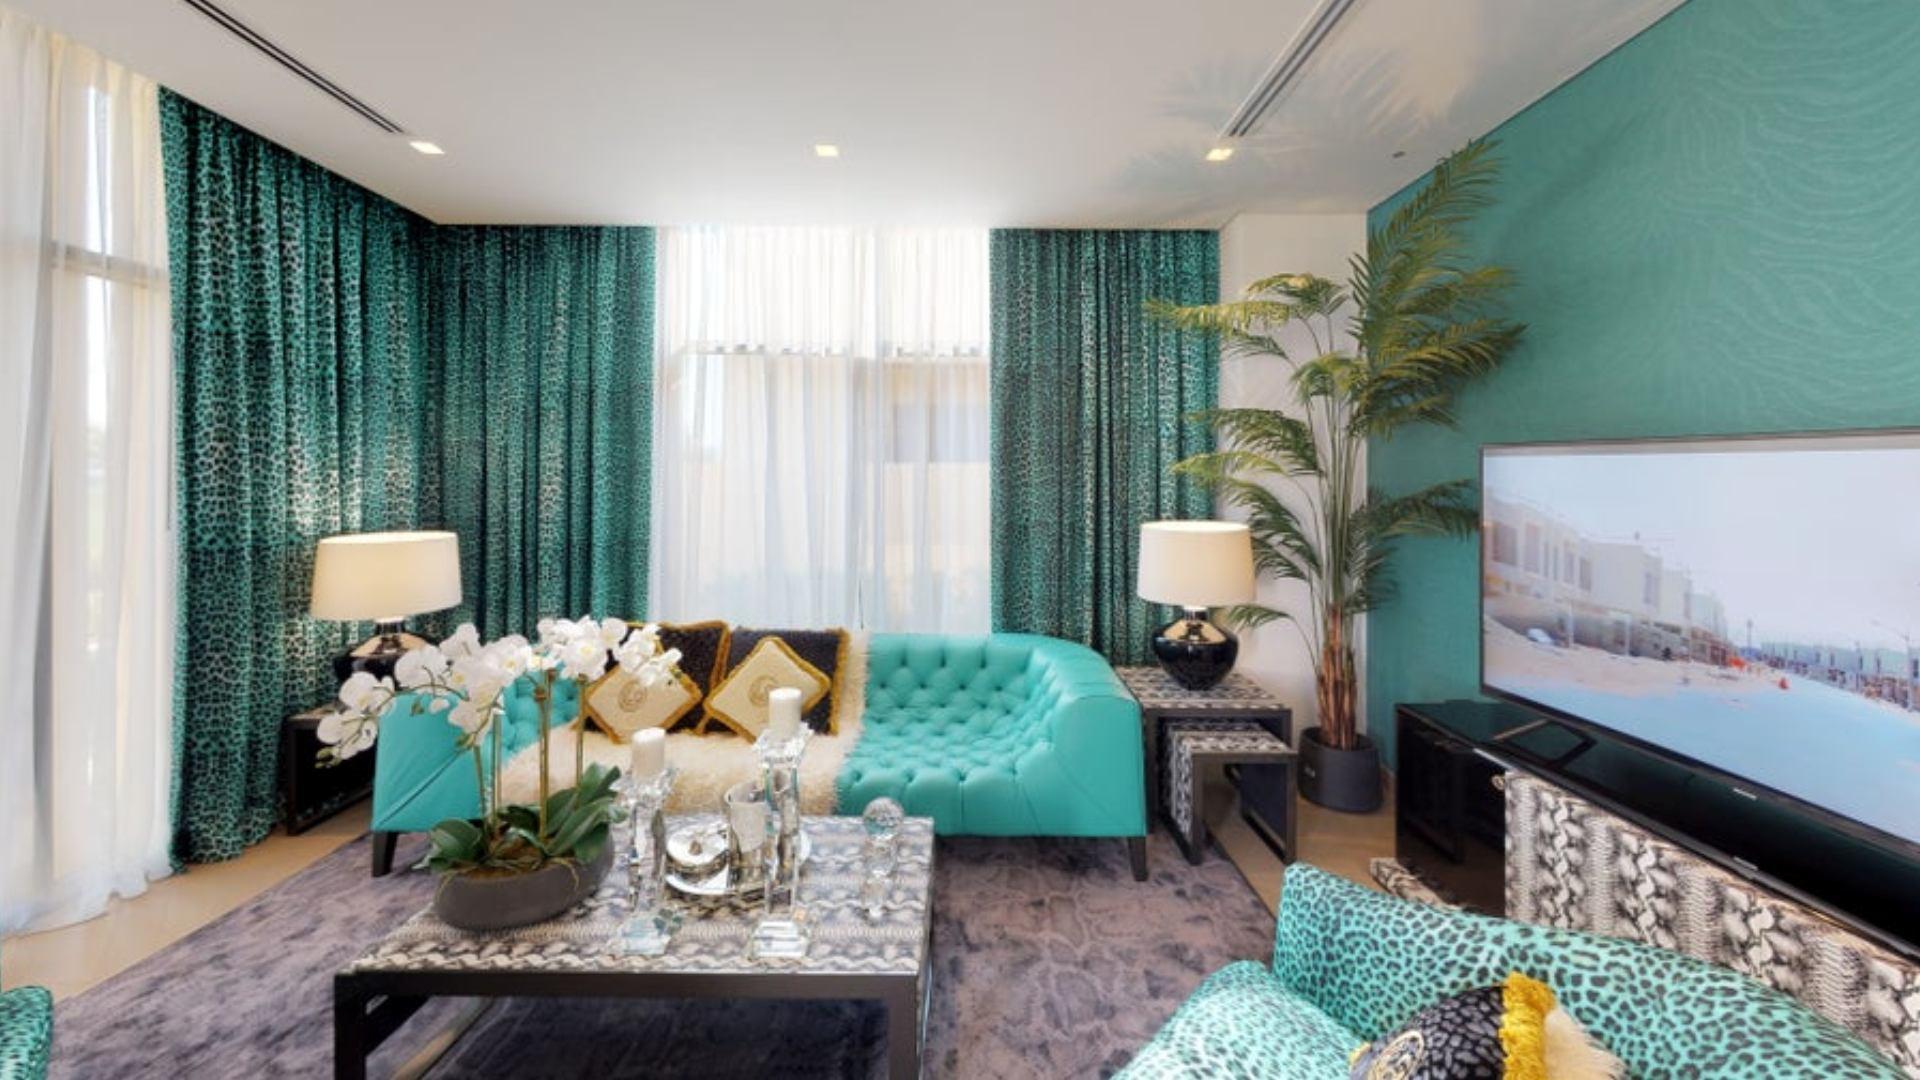 Villa en venta en Dubai, EAU, 3 dormitorios, 200 m2, № 24497 – foto 1